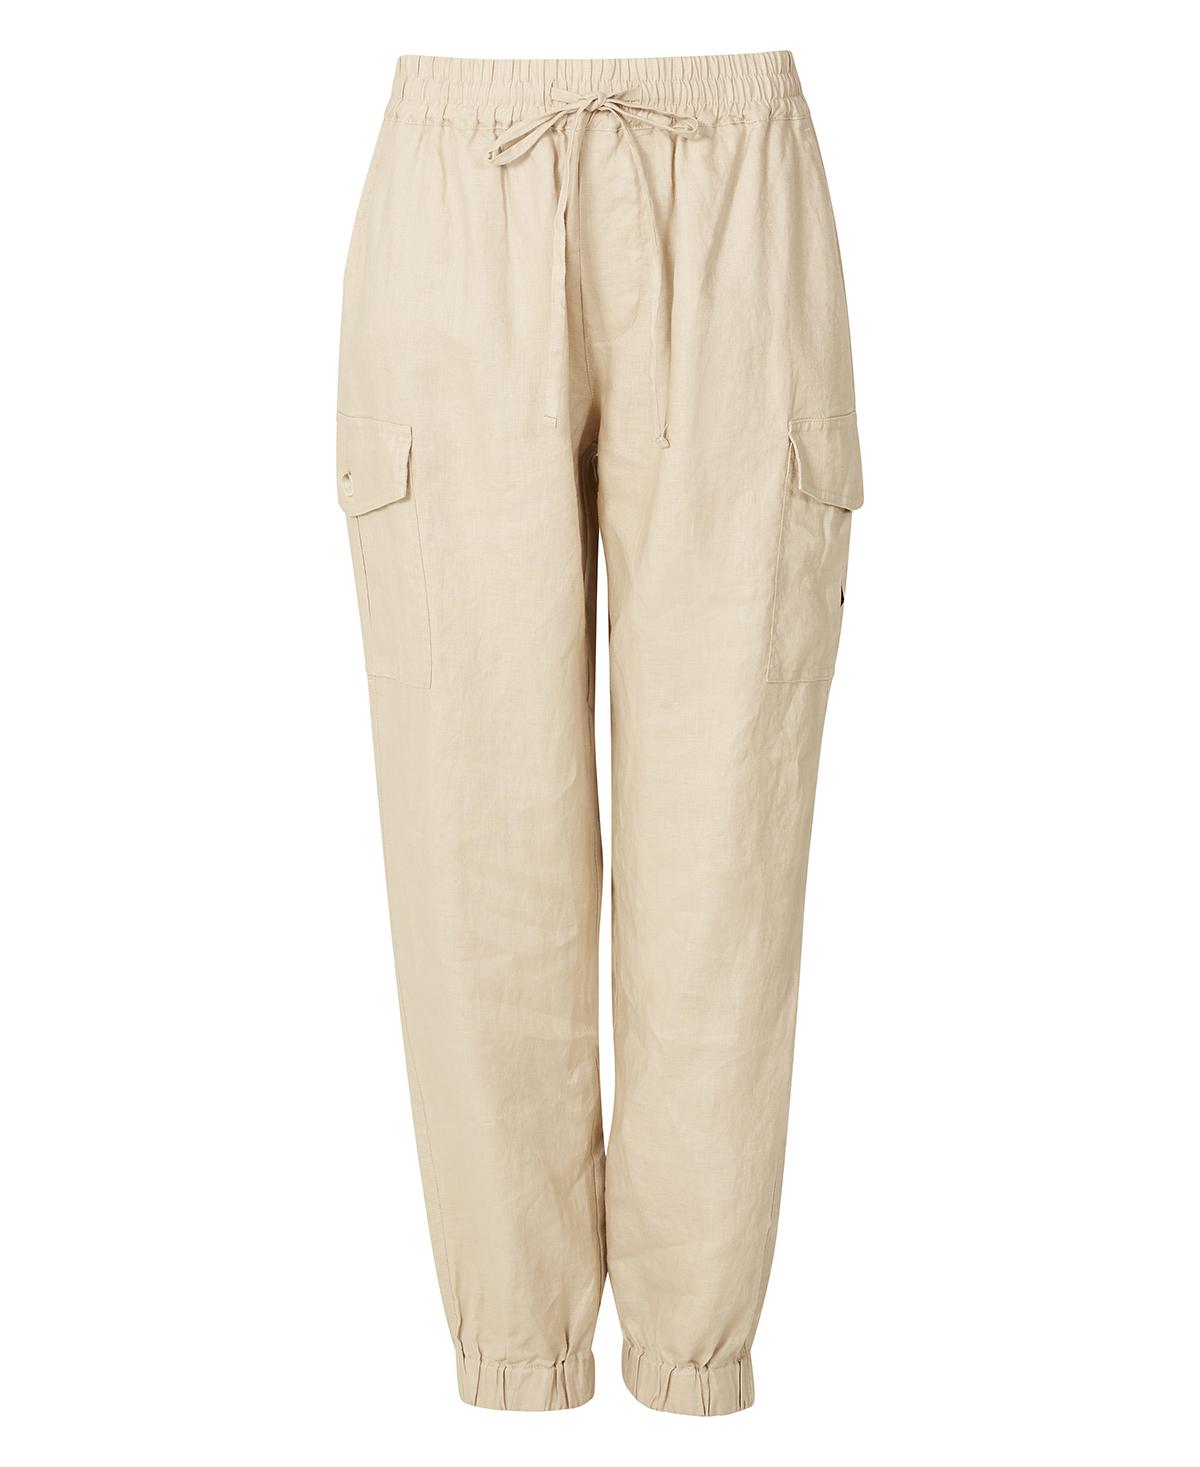 Spirit linen trousers